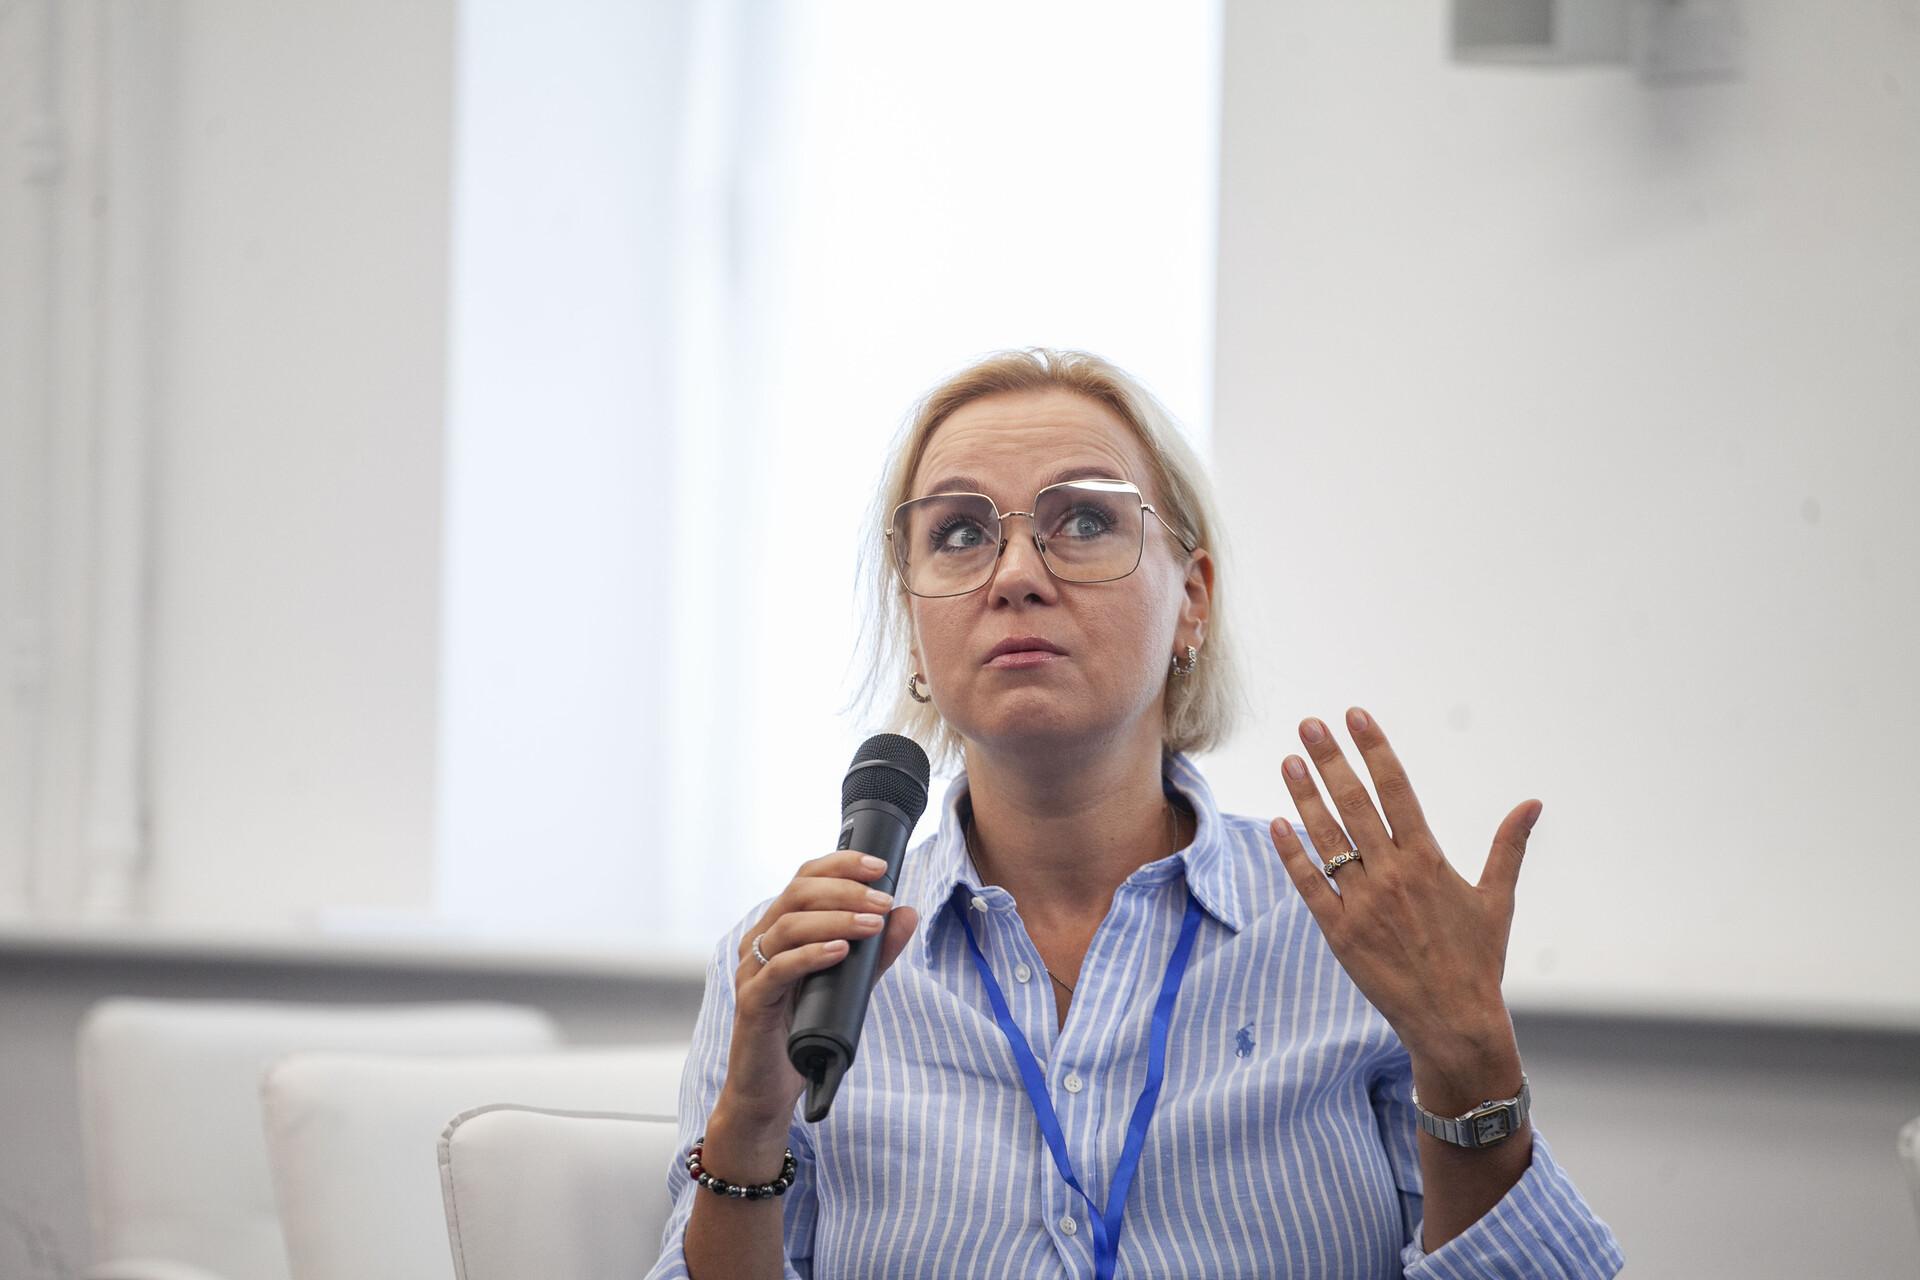 Светлана Чуйкина. Фото Арсения Тимашова.